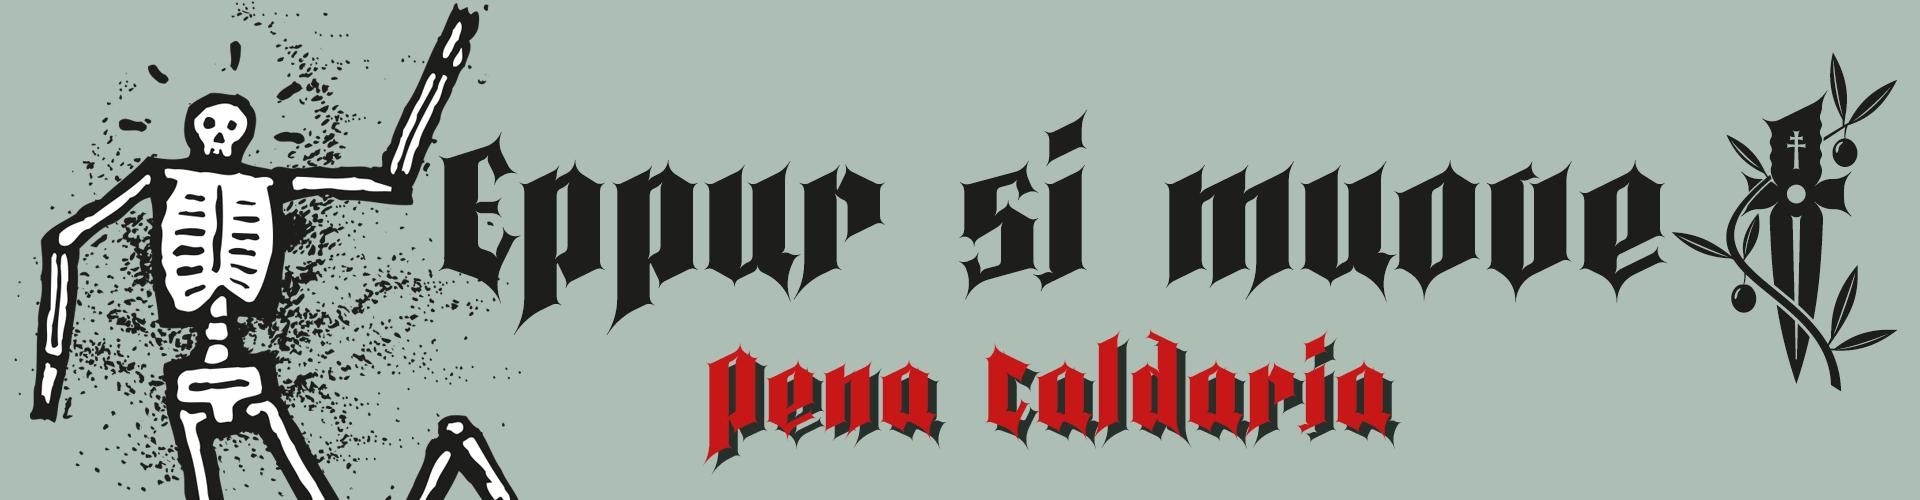 Pena Caldaria Ghotic Fonts - Eppur si muove